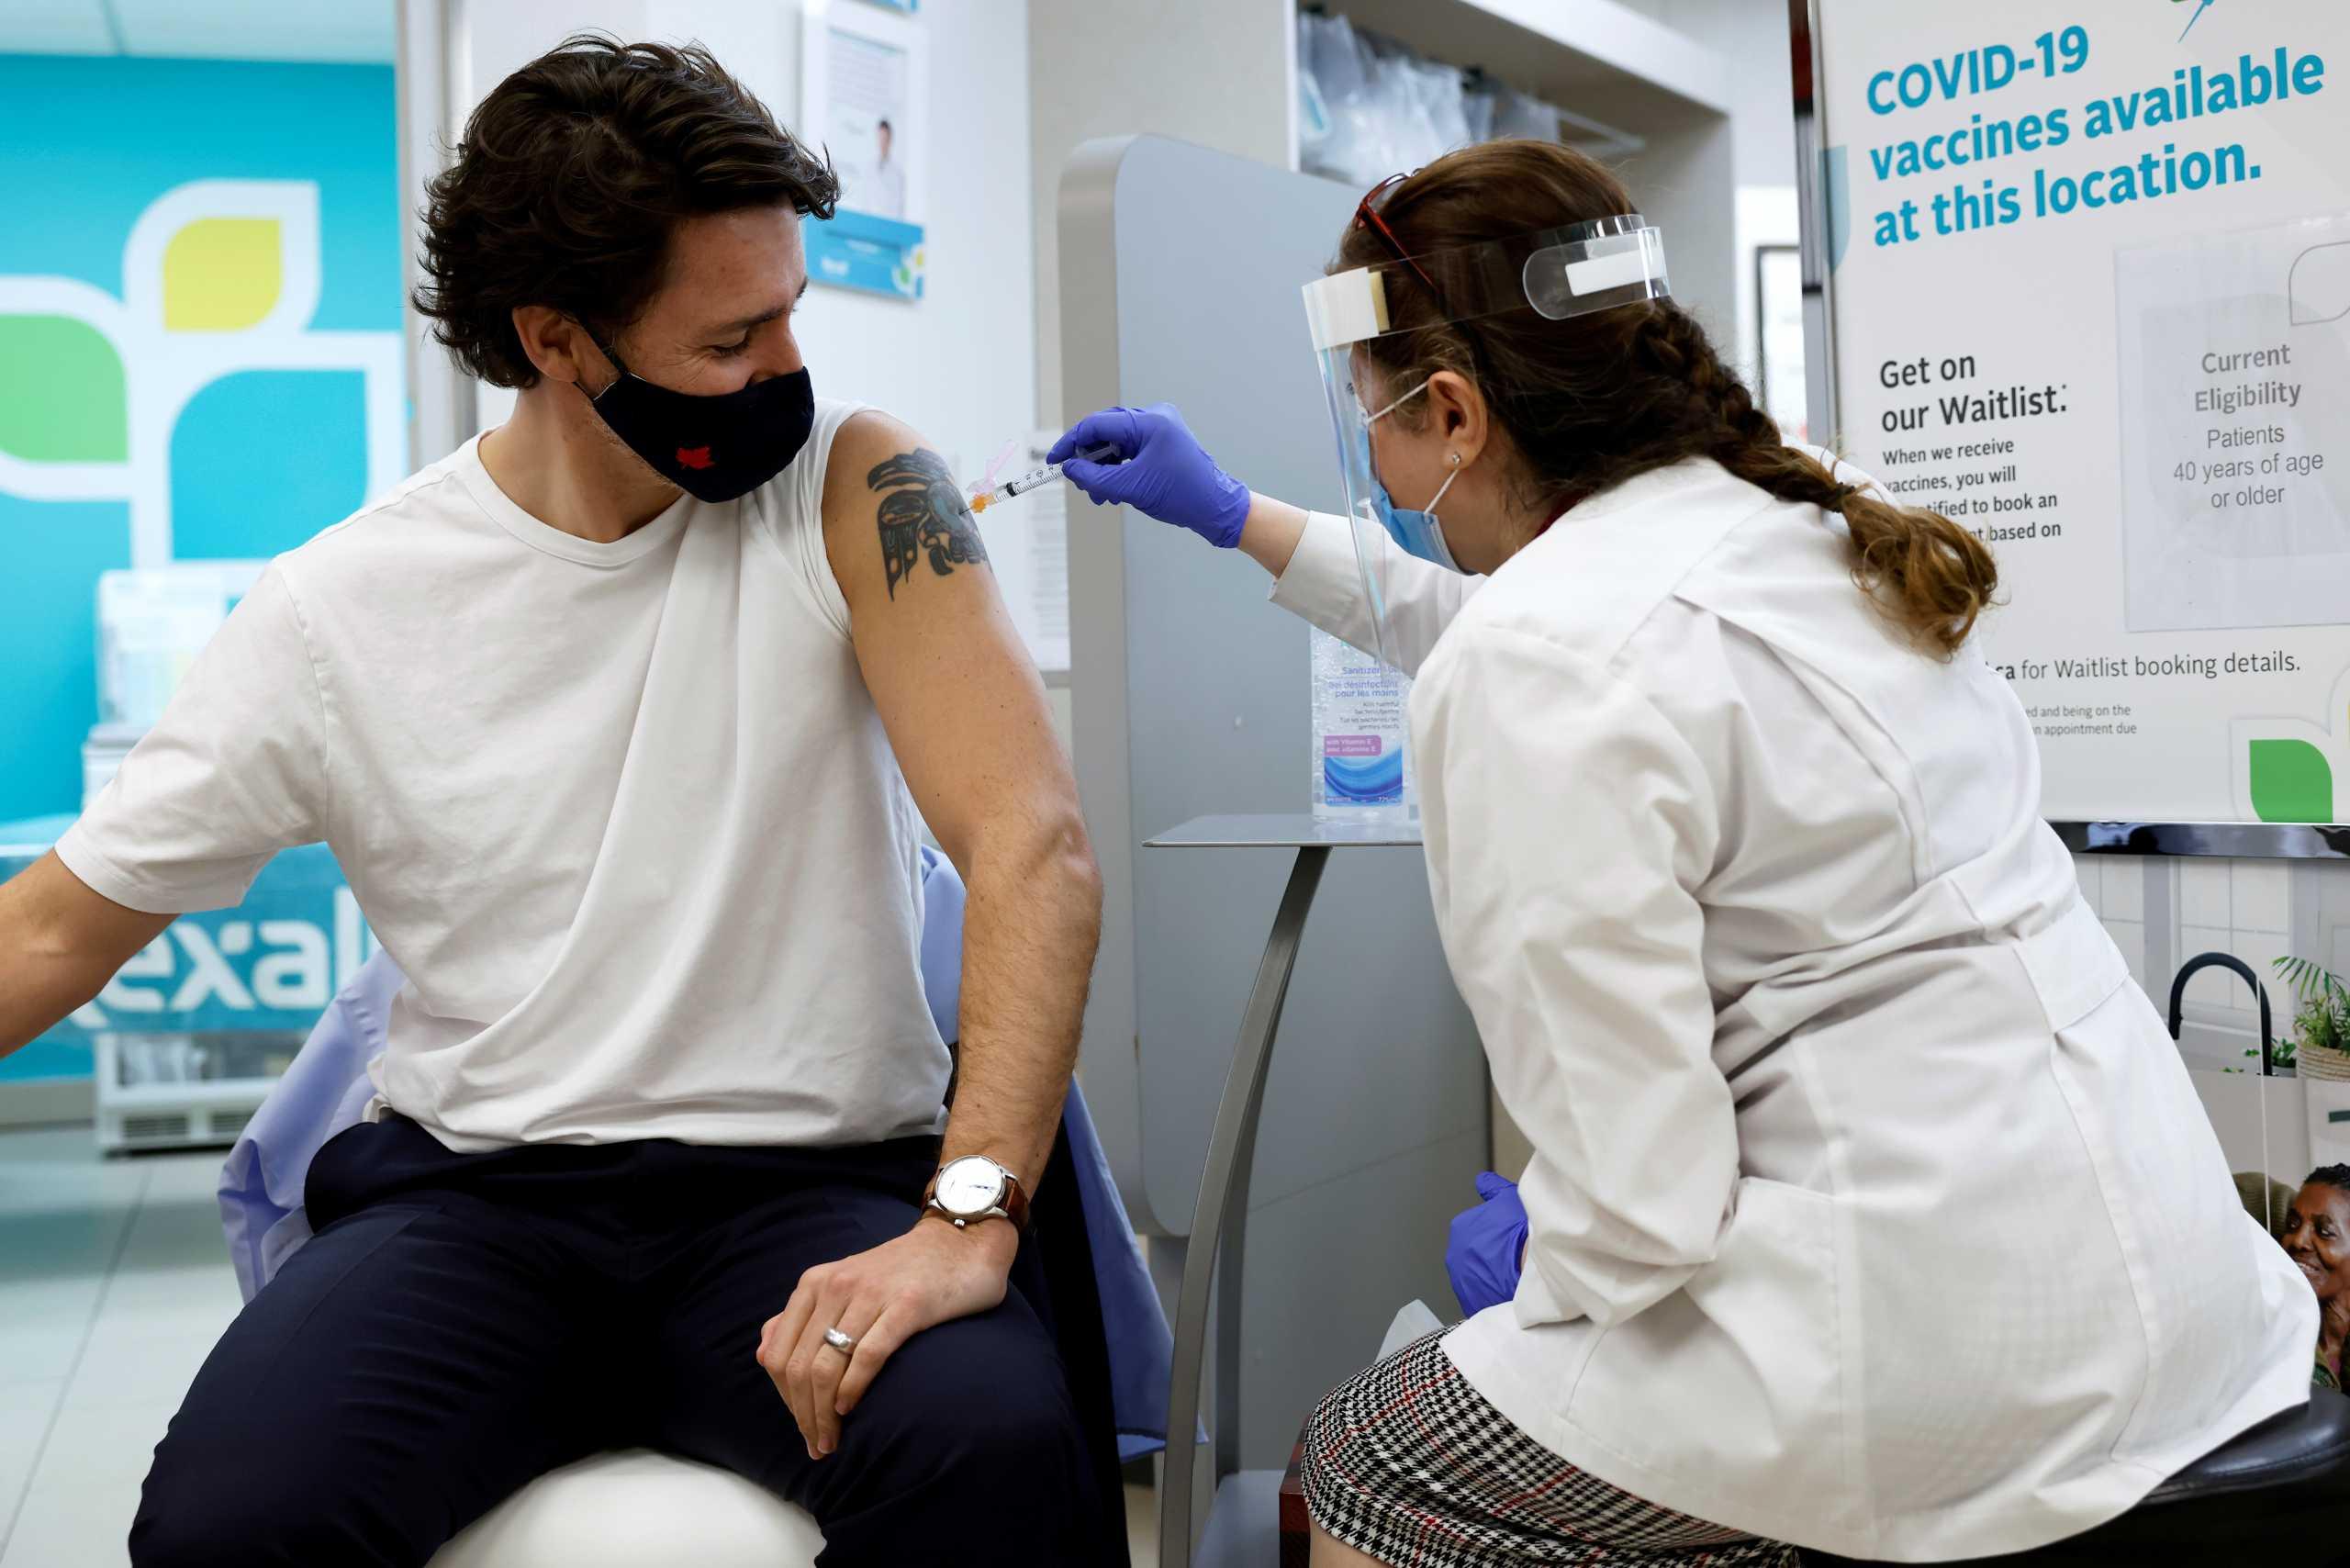 Καναδάς: Ο πρωθυπουργός Τζάστιν Τριντό έκανε την πρώτη δόση του εμβολίου της AstraZeneca